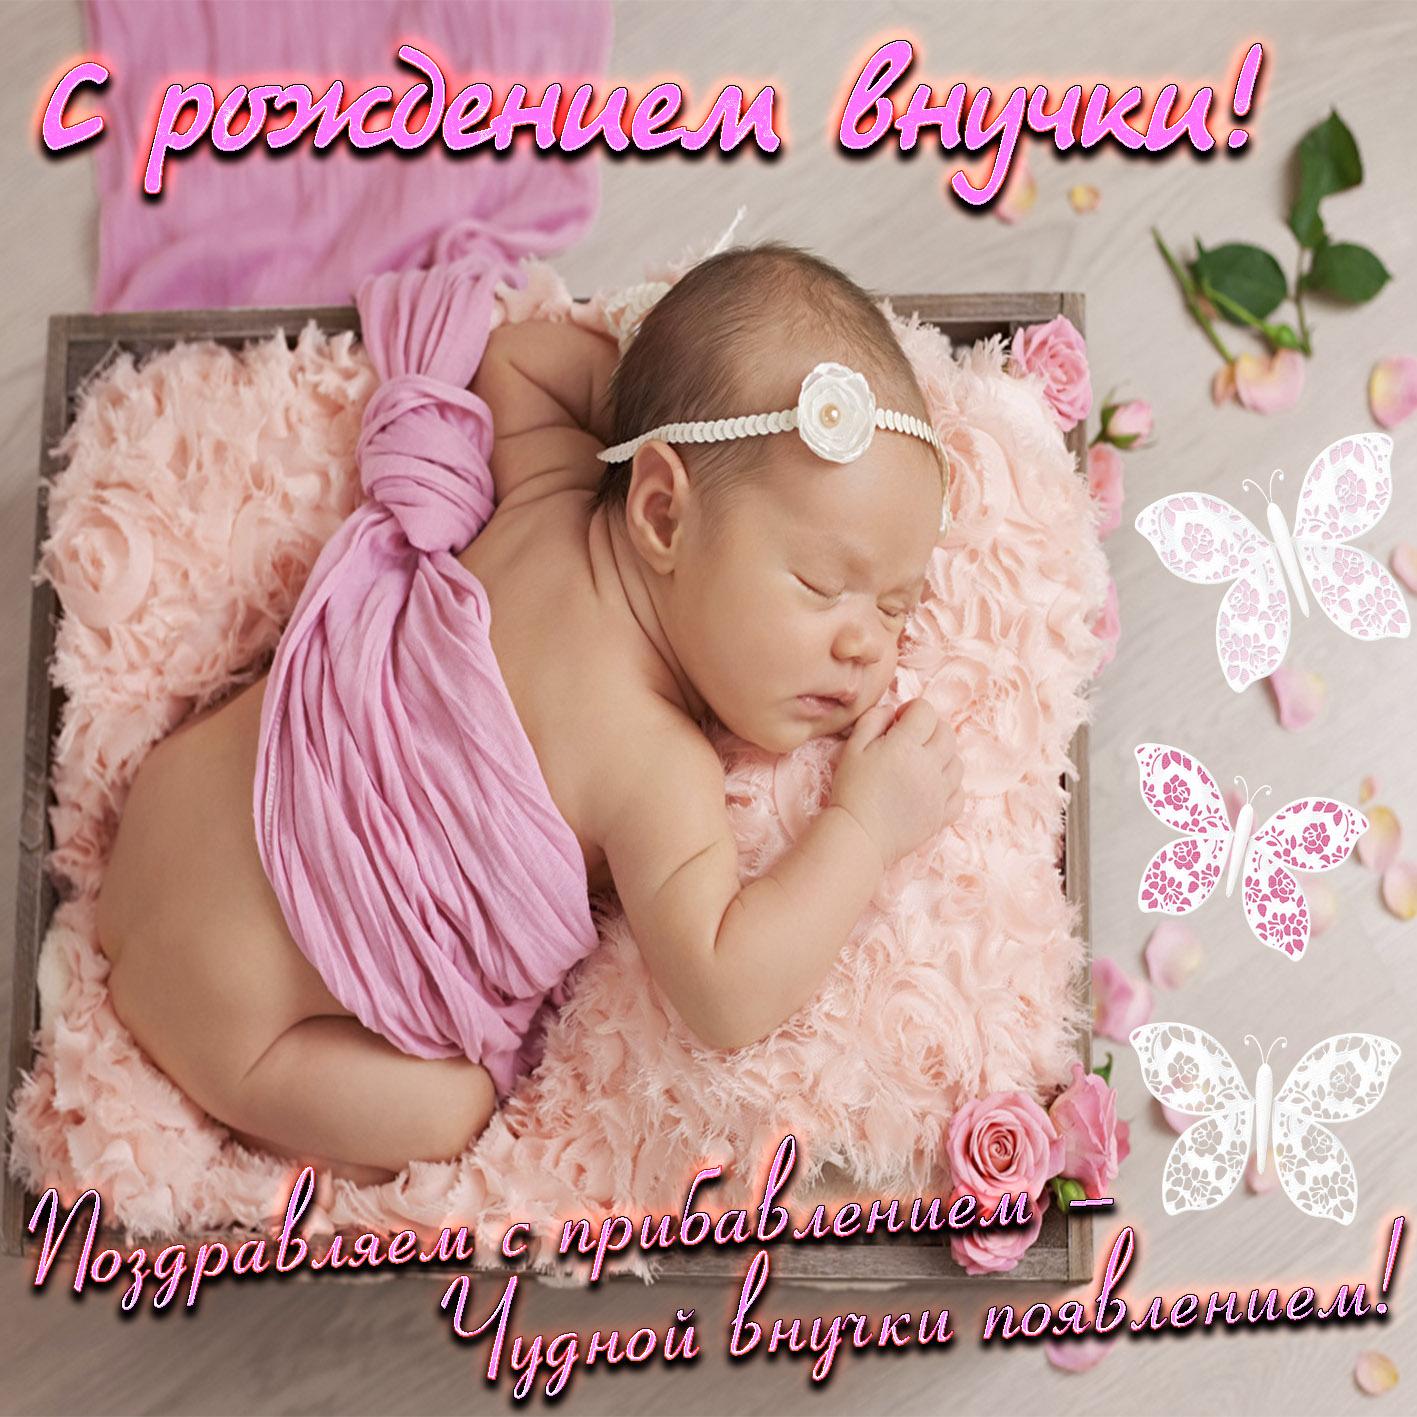 Поздравление бабушке с внучкой новорожденной картинки